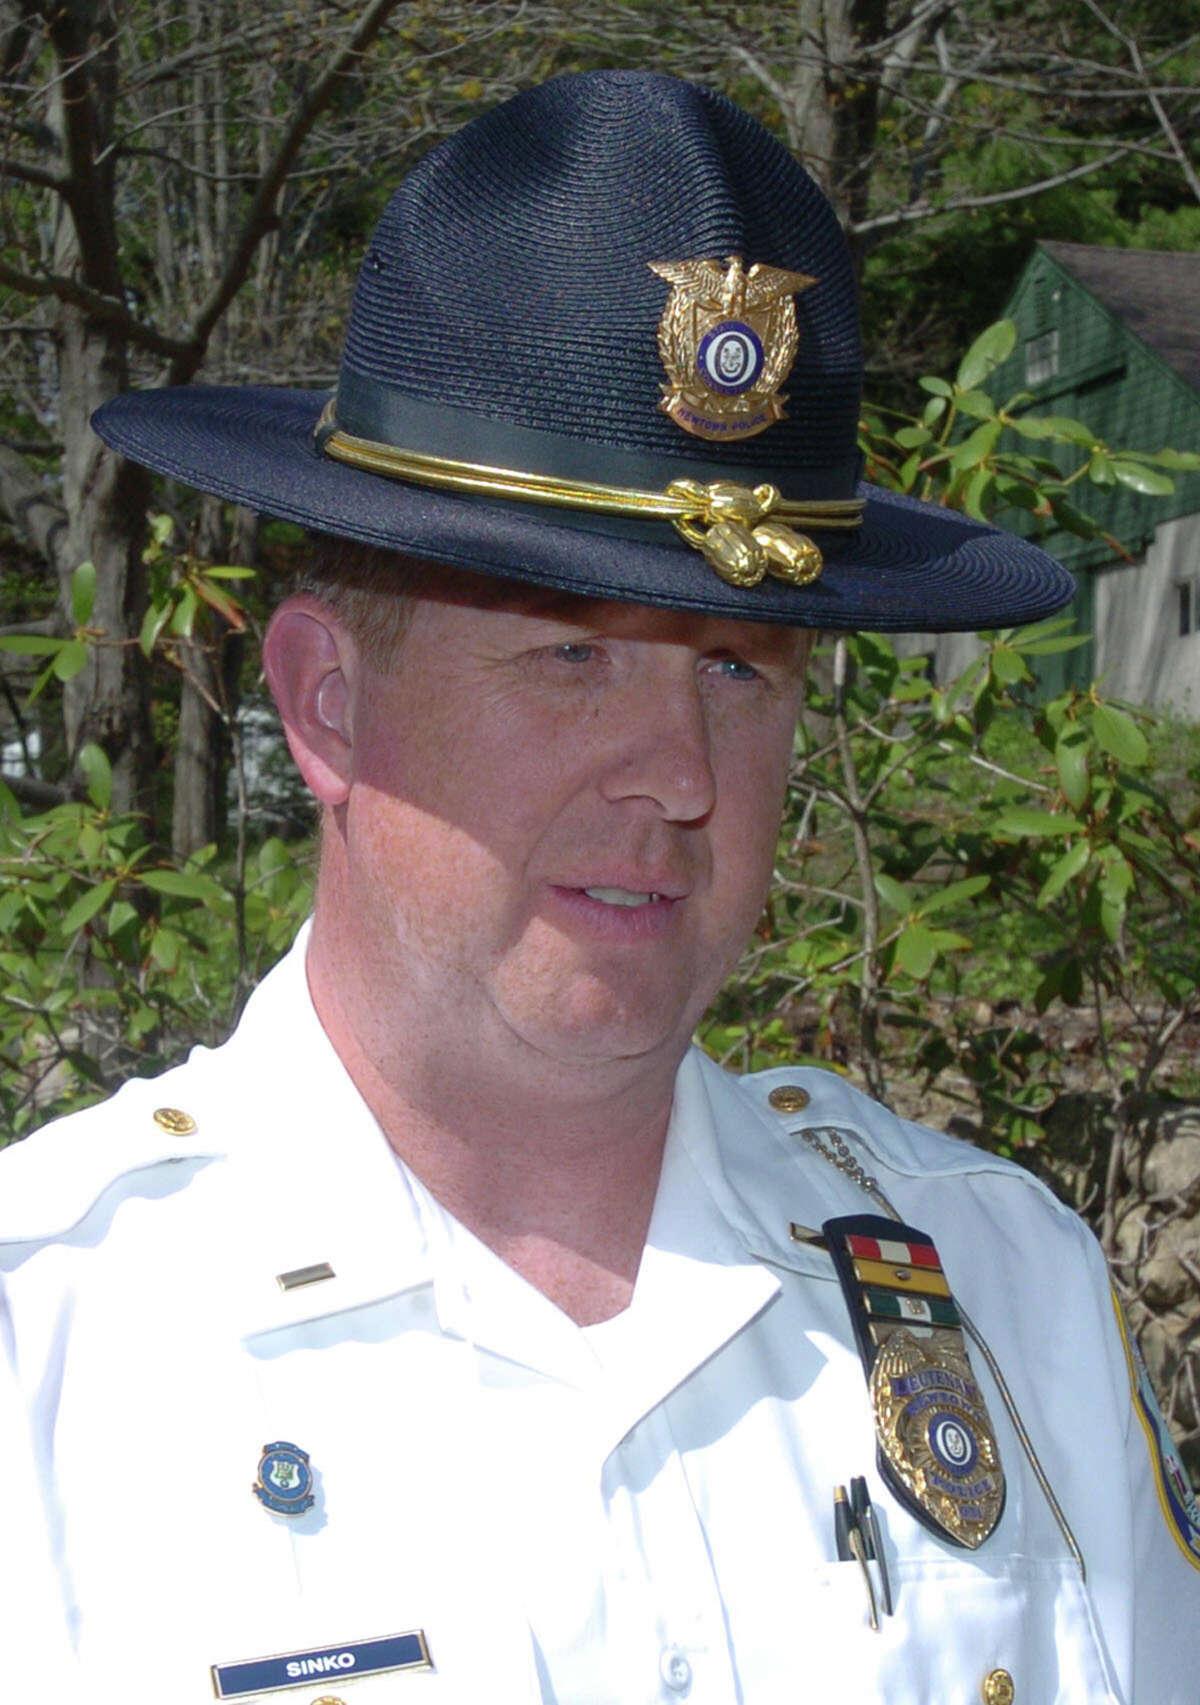 Lt. George Sinko, of Newtown Police Department.